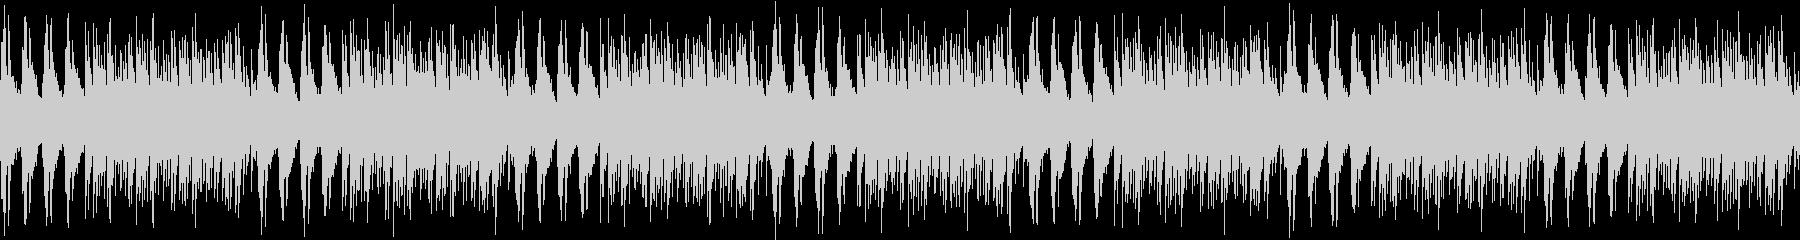 ループ ミニマル、エレクトロニカ、チルの未再生の波形